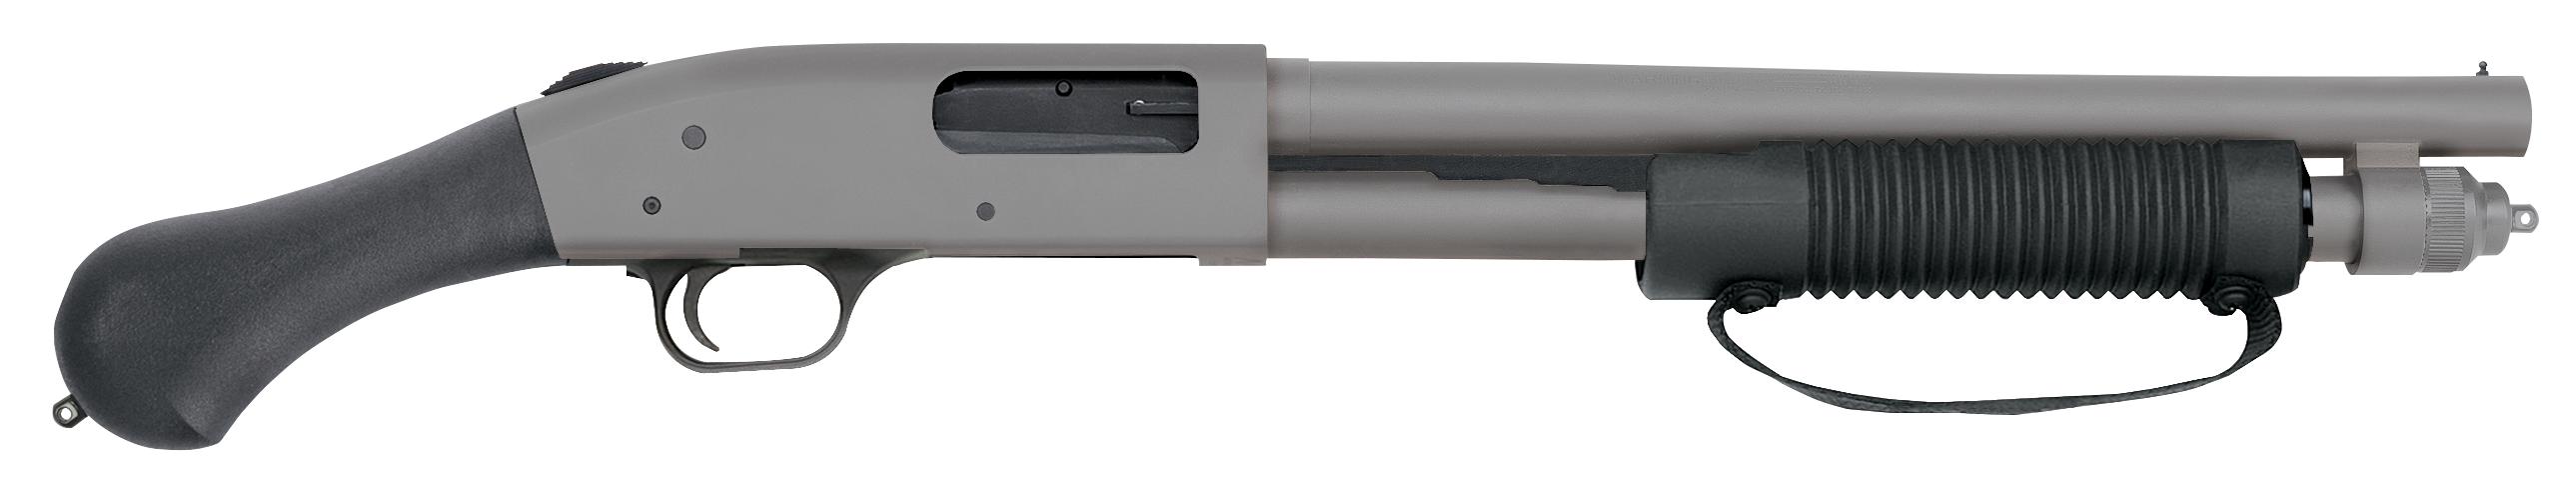 Mossberg 590 JIC SHOCKWAVE-img-3